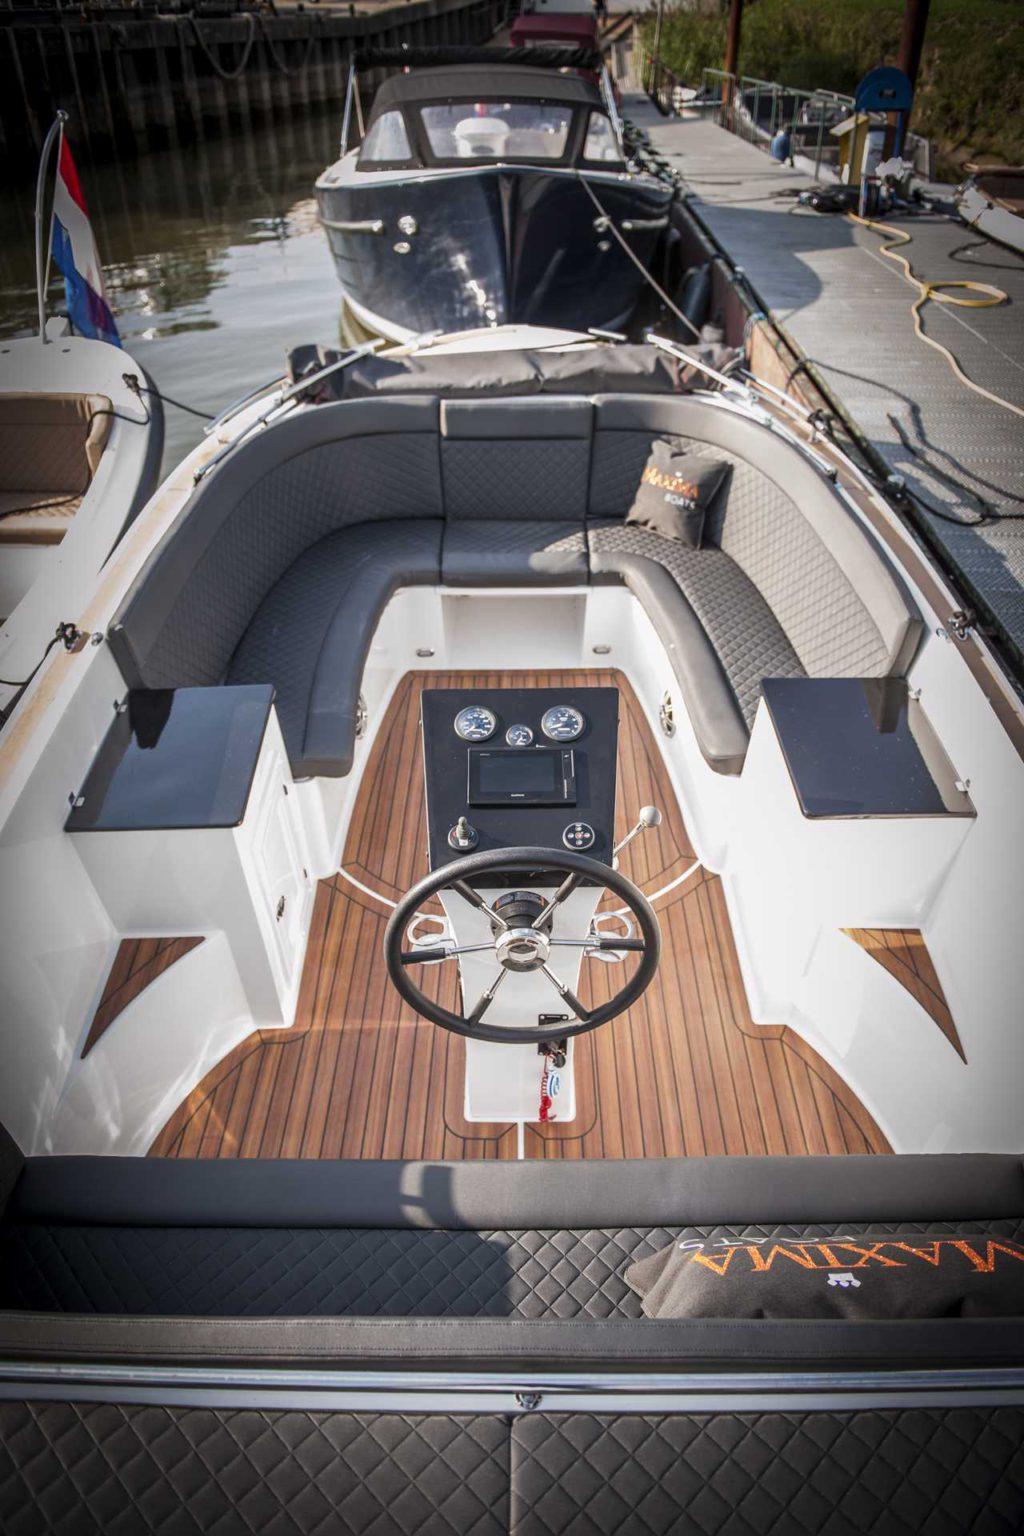 Fonkelnieuw Maxima 730 Tender | Stijlvol op het water | Van Dijk Watersport GV-12